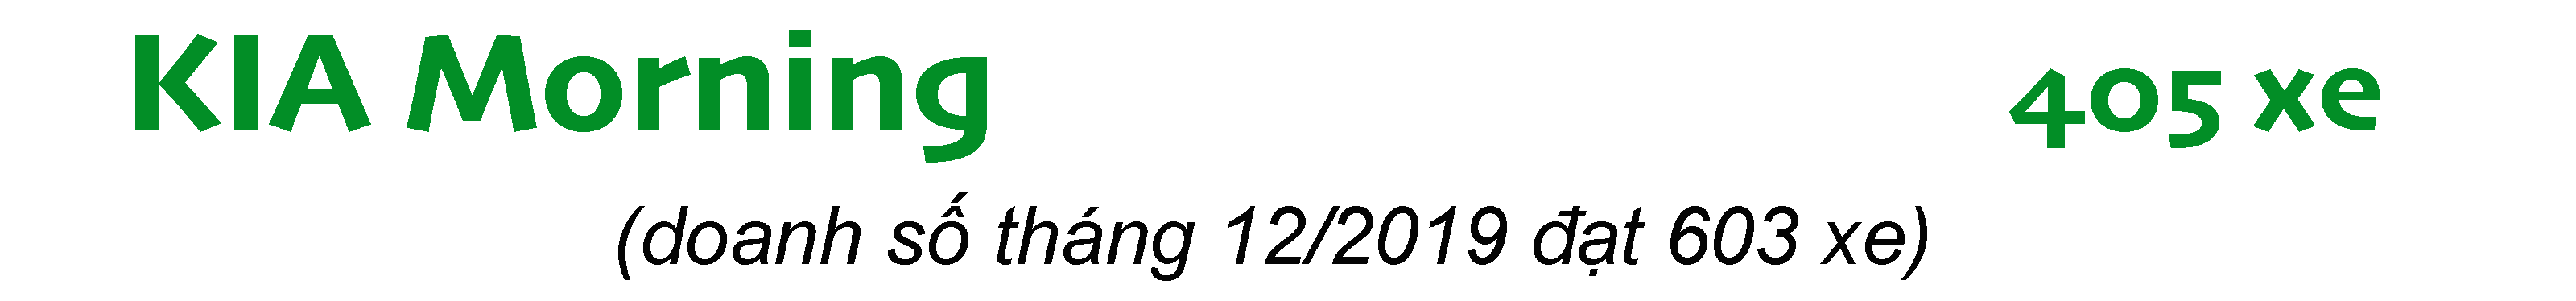 Phân khúc xe đô thị tháng 1/2020: Honda Brio vượt Toyota Wigo - 5